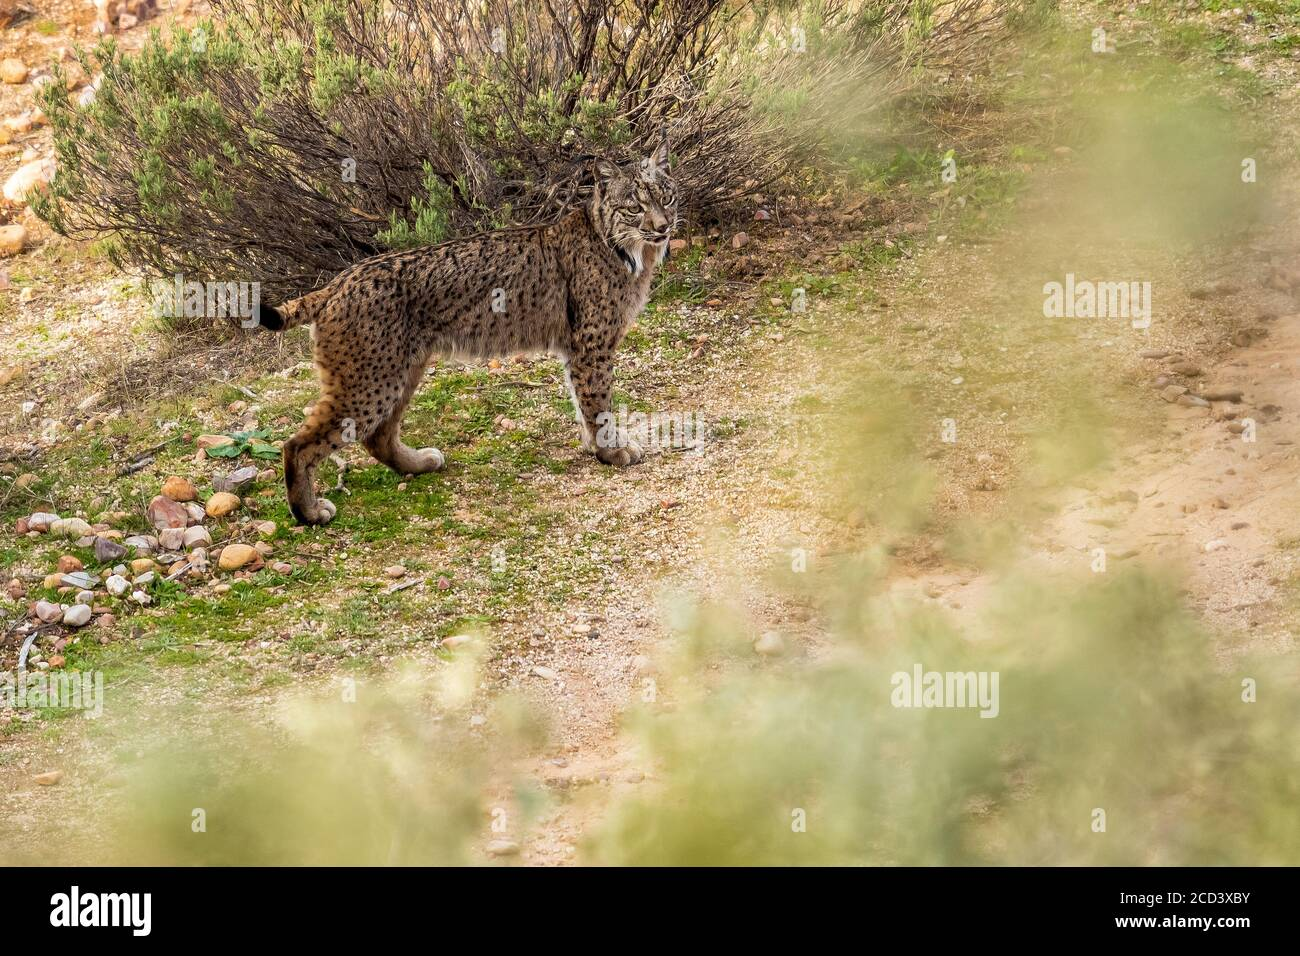 Lynx ibérique mâle (Lynx pardinus) debout sur un rocher regardant la vallée, Sierra Morena, Andujar, Andalousie, Espagne. Banque D'Images